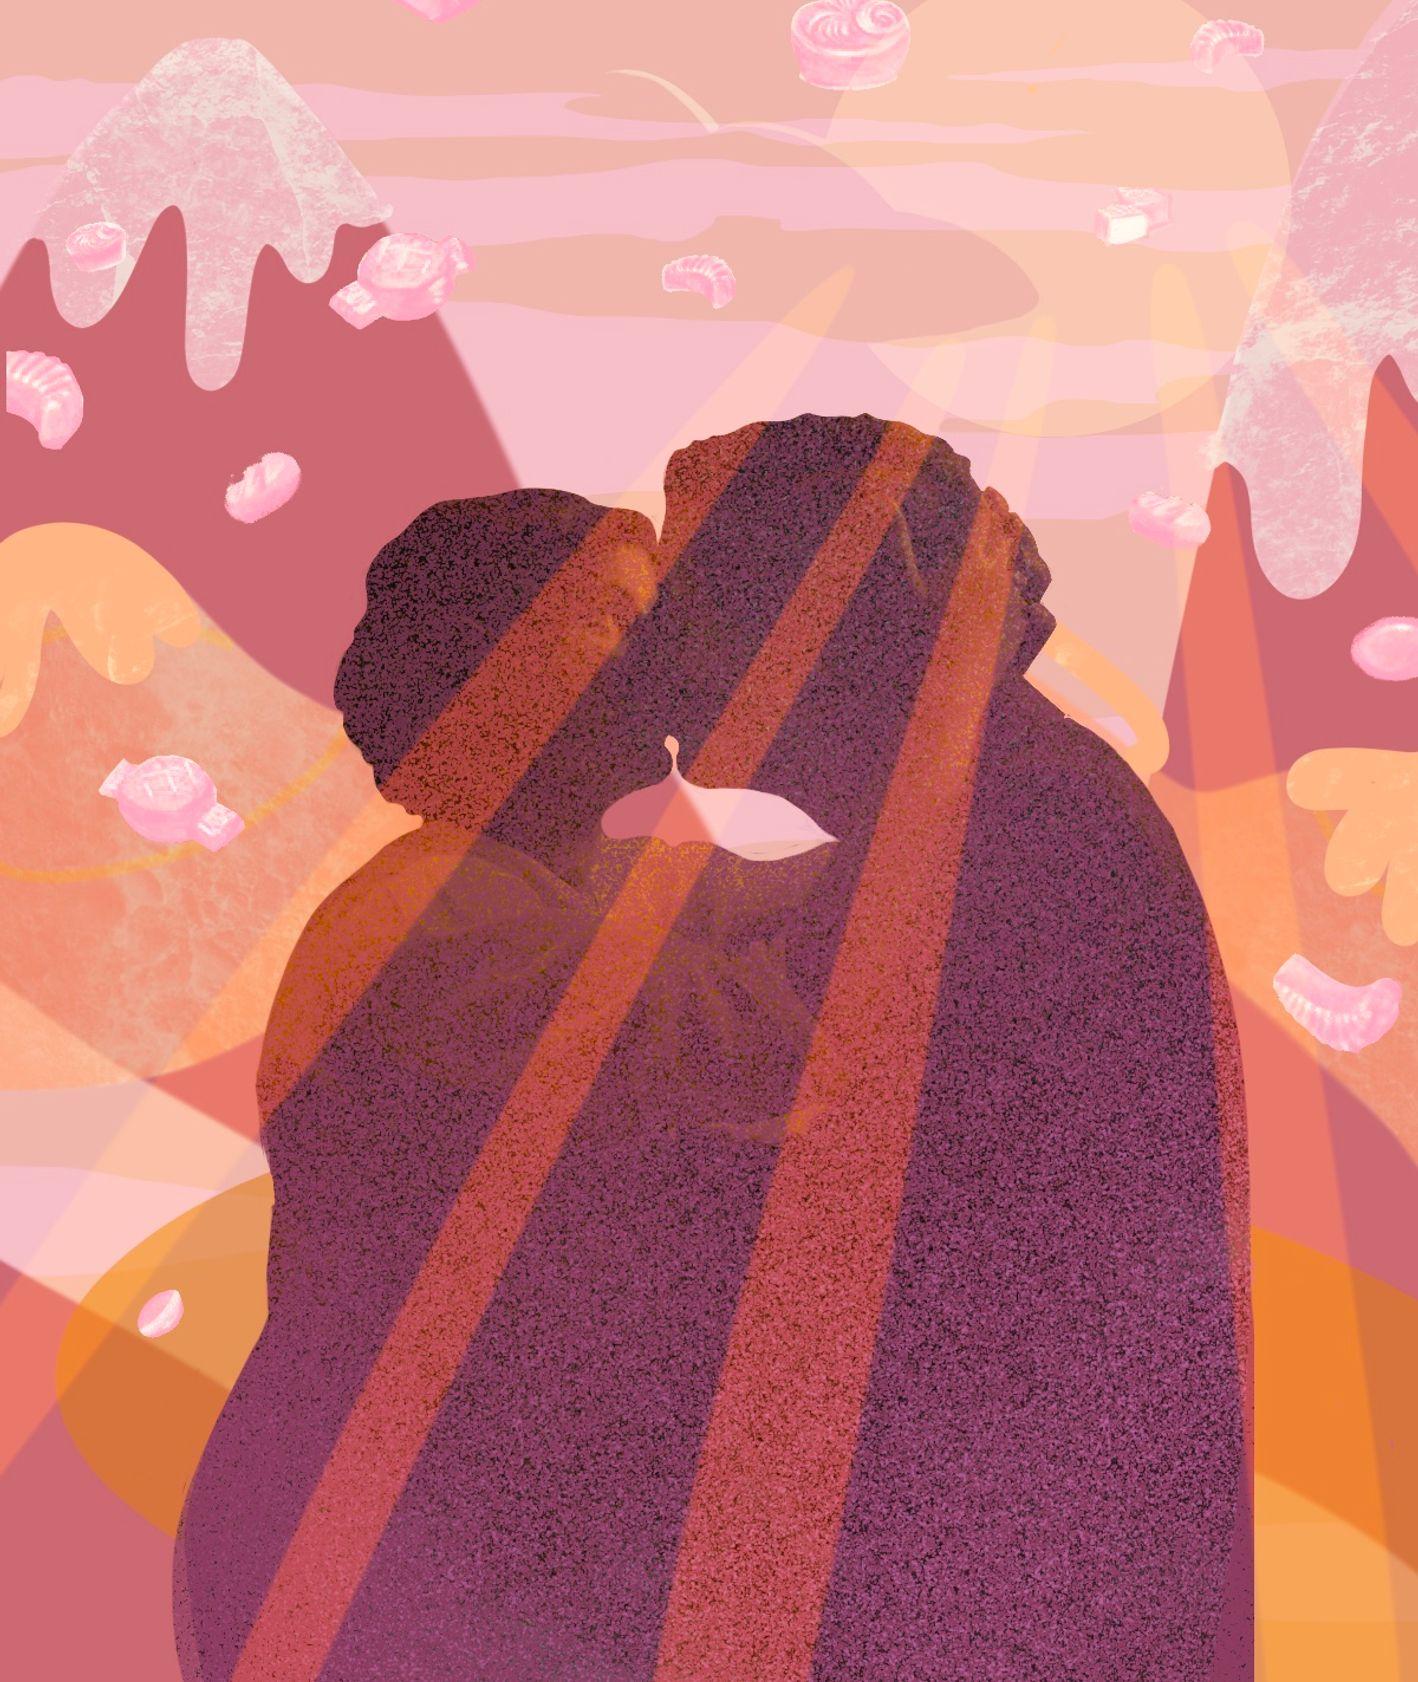 Zakochani na tle gór i czekoladek (il. Martyna Cybuch)